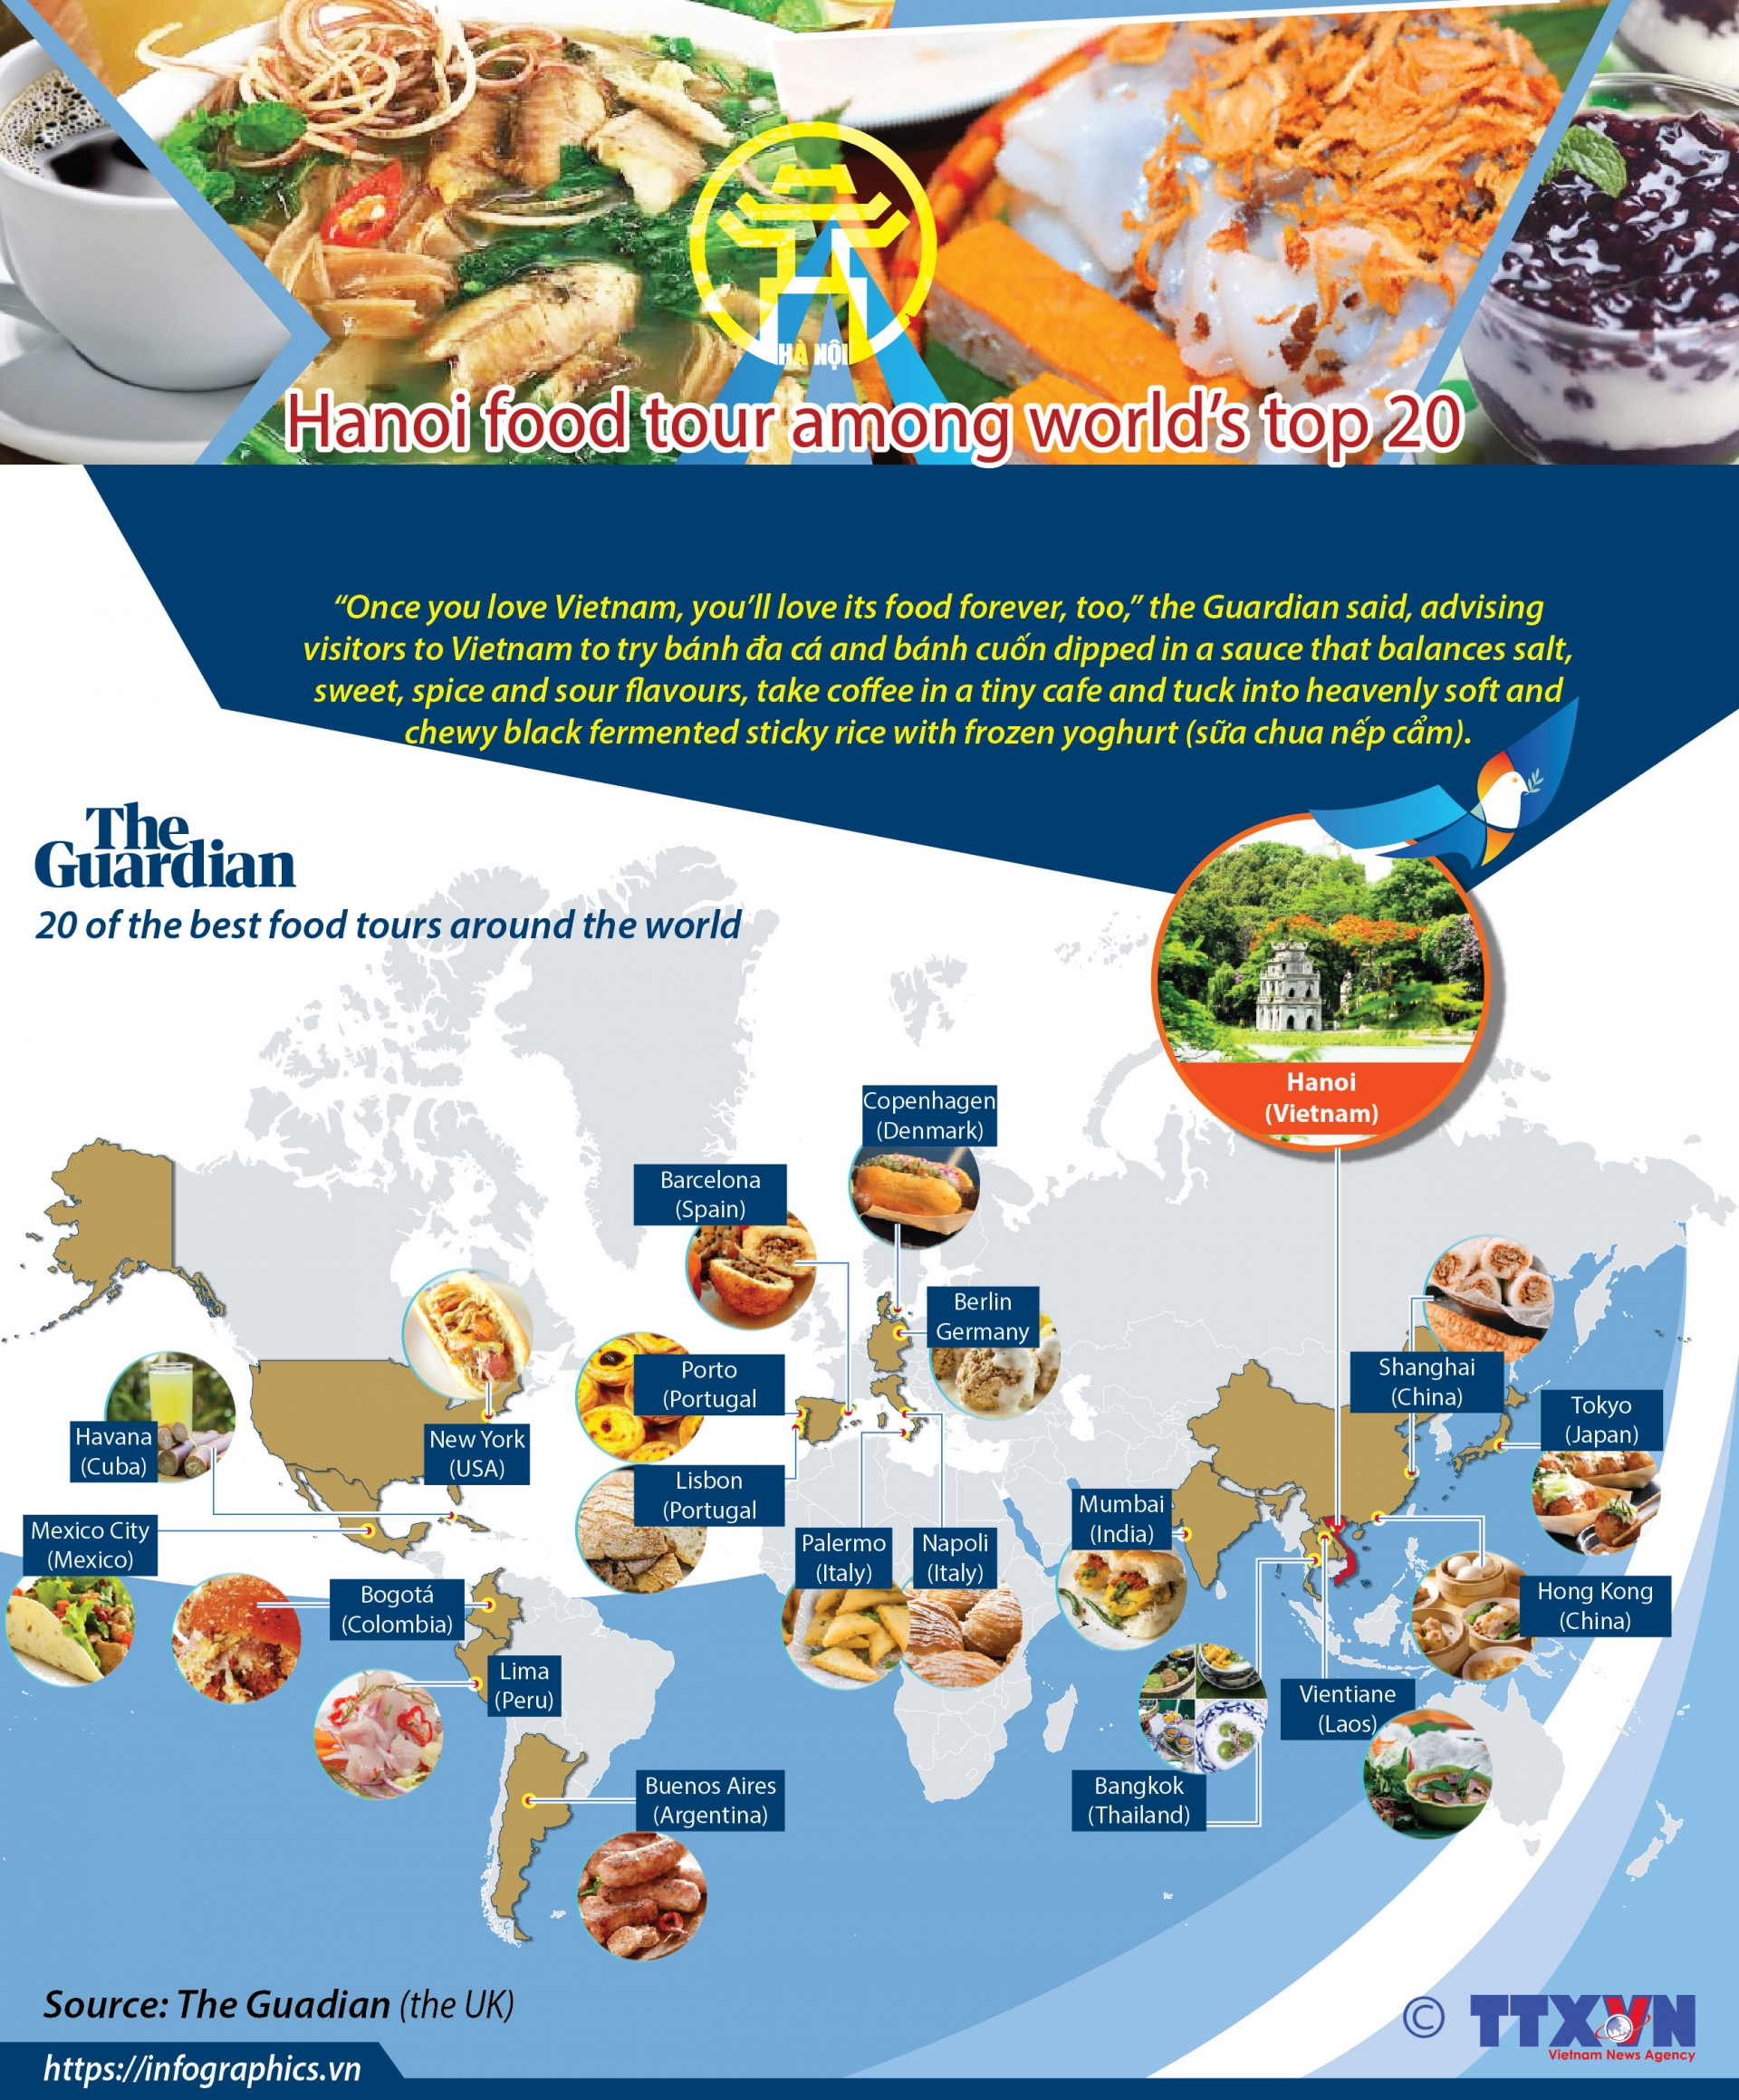 hanoi food tour among worlds top 20